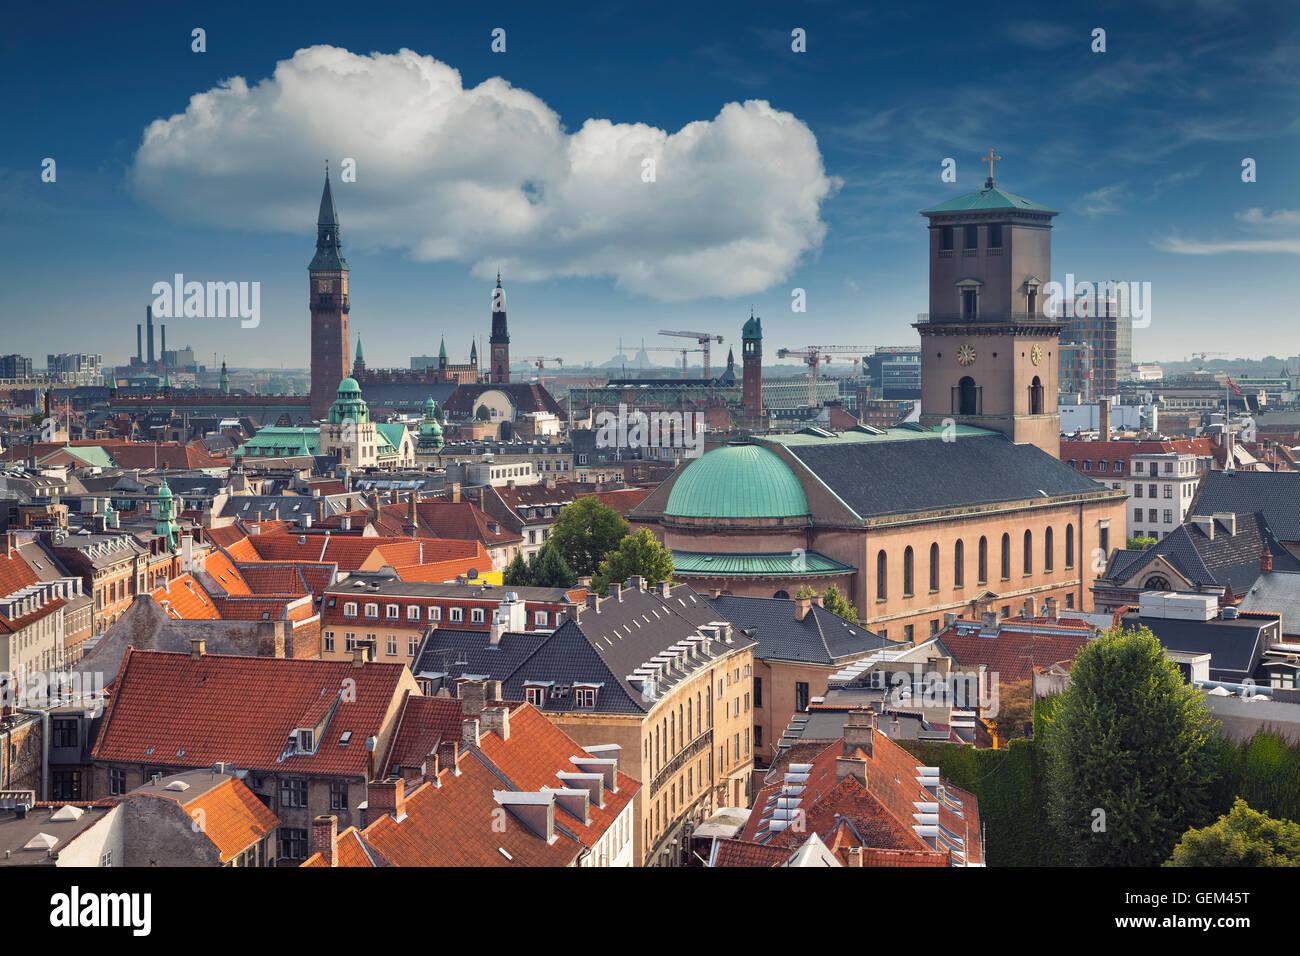 Kopenhagen. Bild der Skyline von Copenhagen an sonnigen Tag. Stockbild